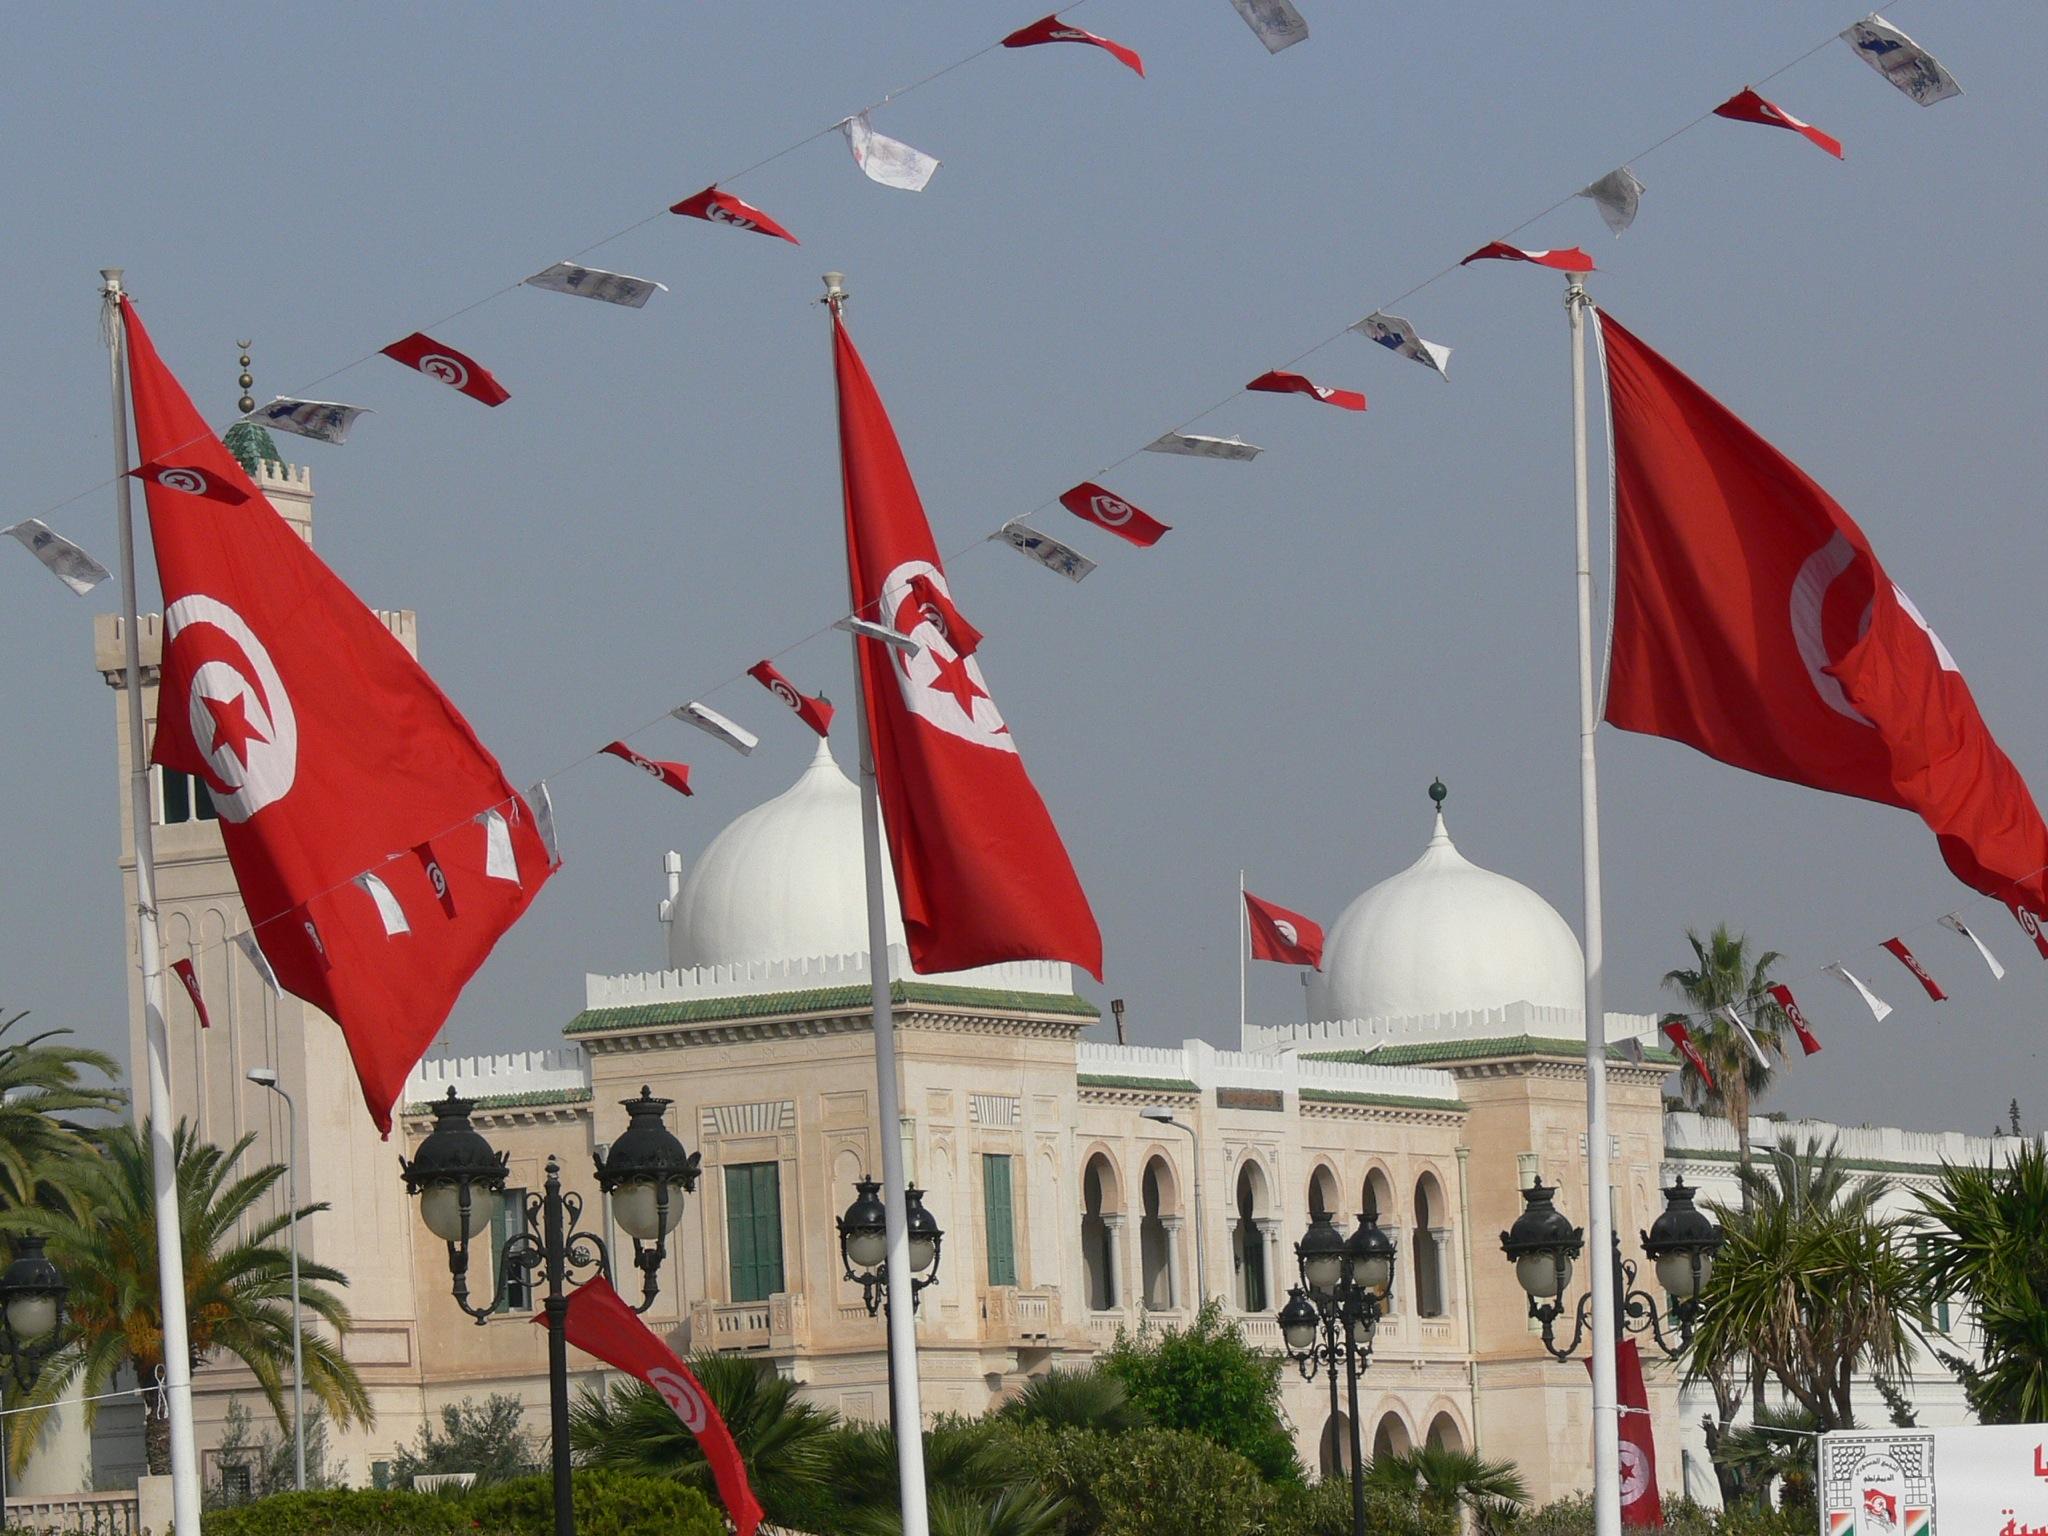 أزمة السياسة في تونس.. لماذا يُحجم الناس عن المشاركة السياسية؟ - ساسة بوست